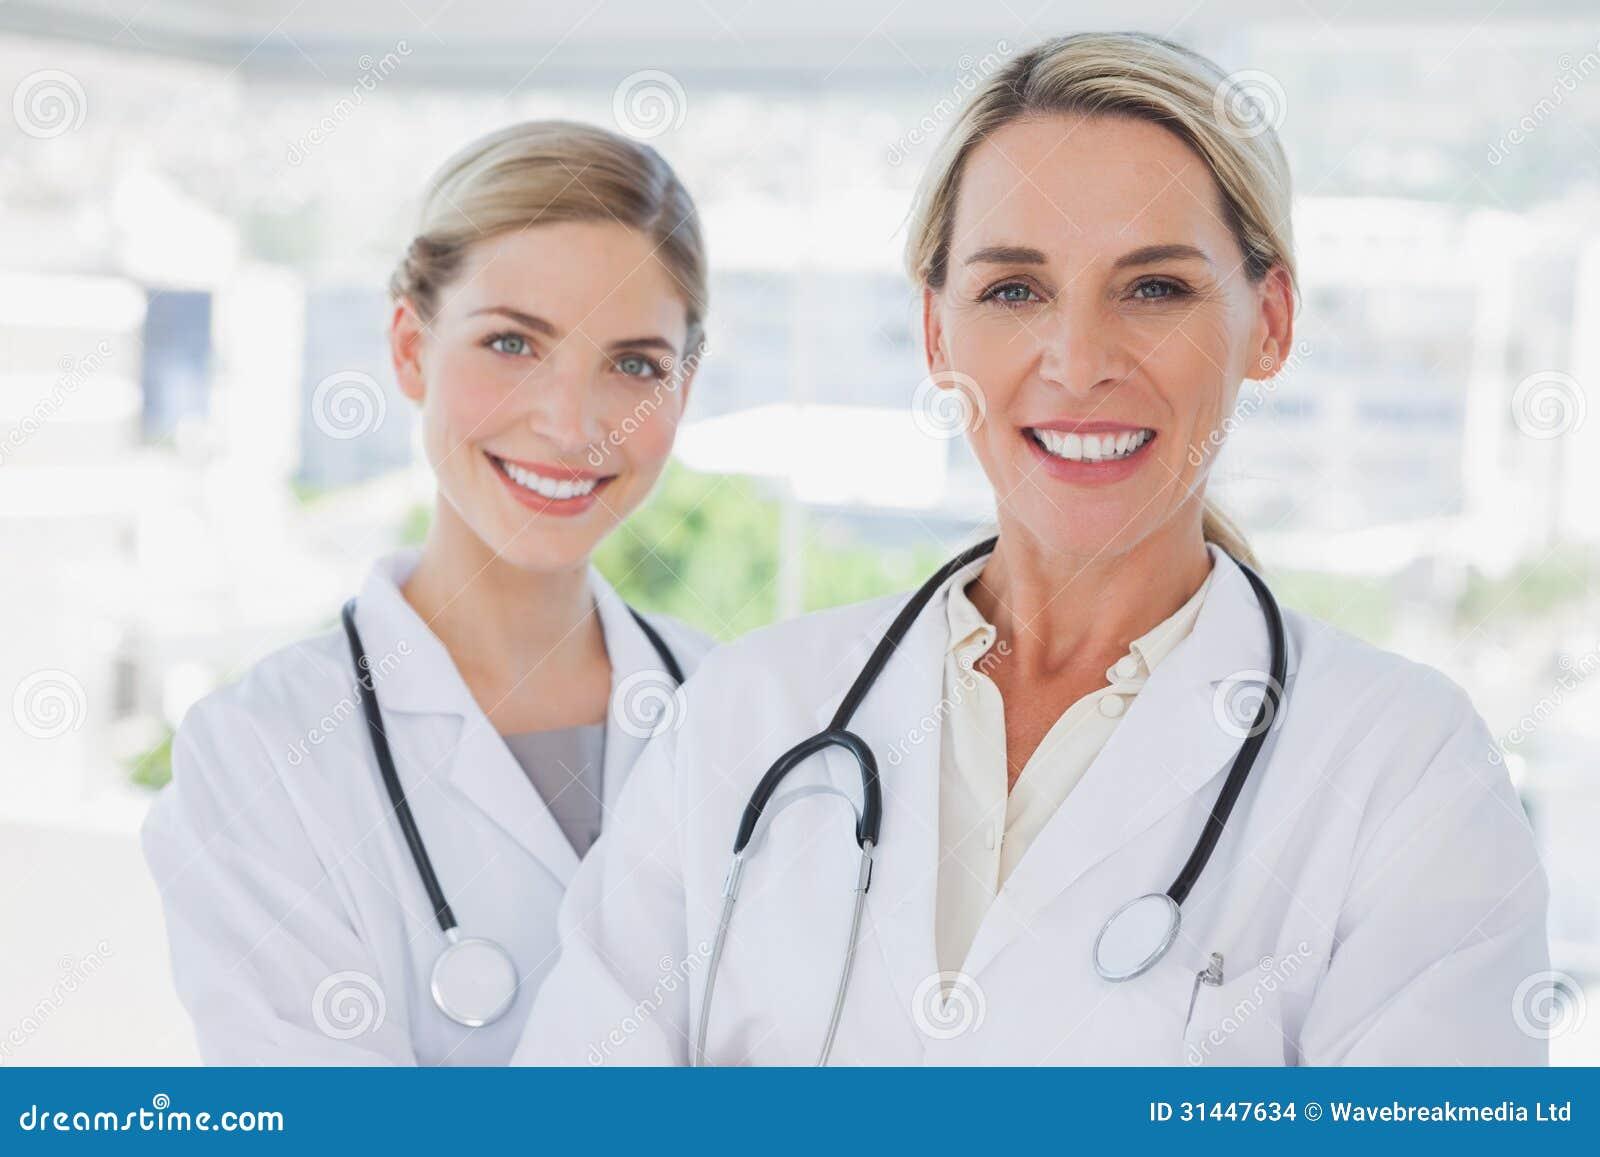 Blonde Doctors 105